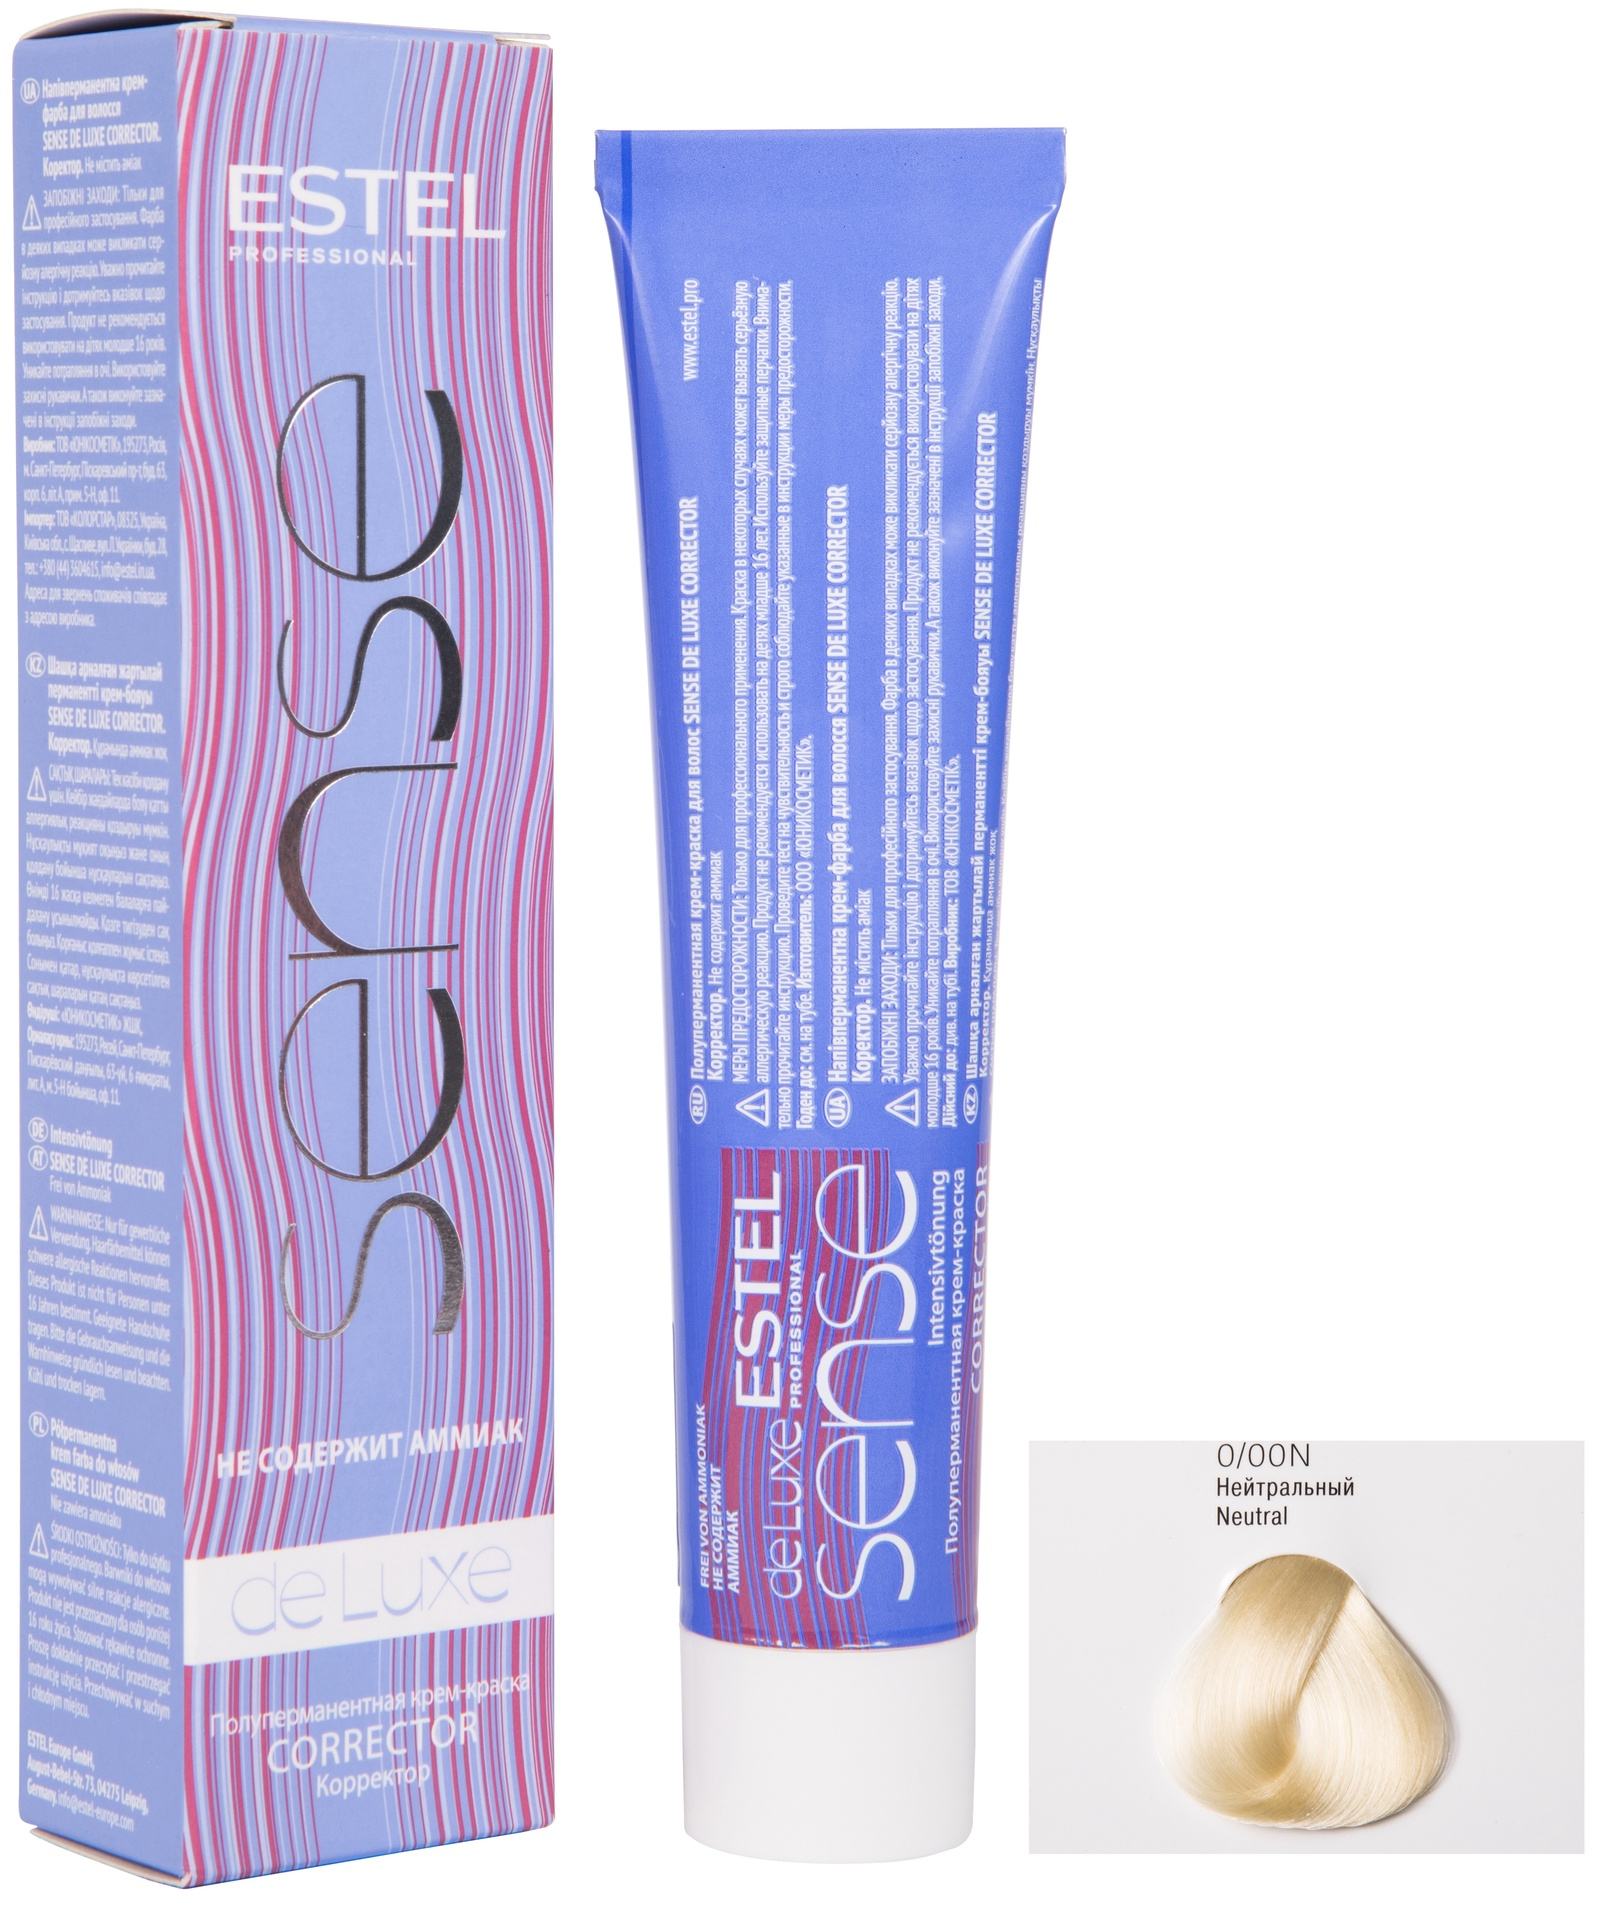 Краска для волос ESTEL PROFESSIONAL 0/00N крем-краска SENSE DE LUXE CORRECTOR для окрашивания волос, нейтральный 60 мл estel краска для волос de luxe corrector 0 00а аммиачный correct 60 мл